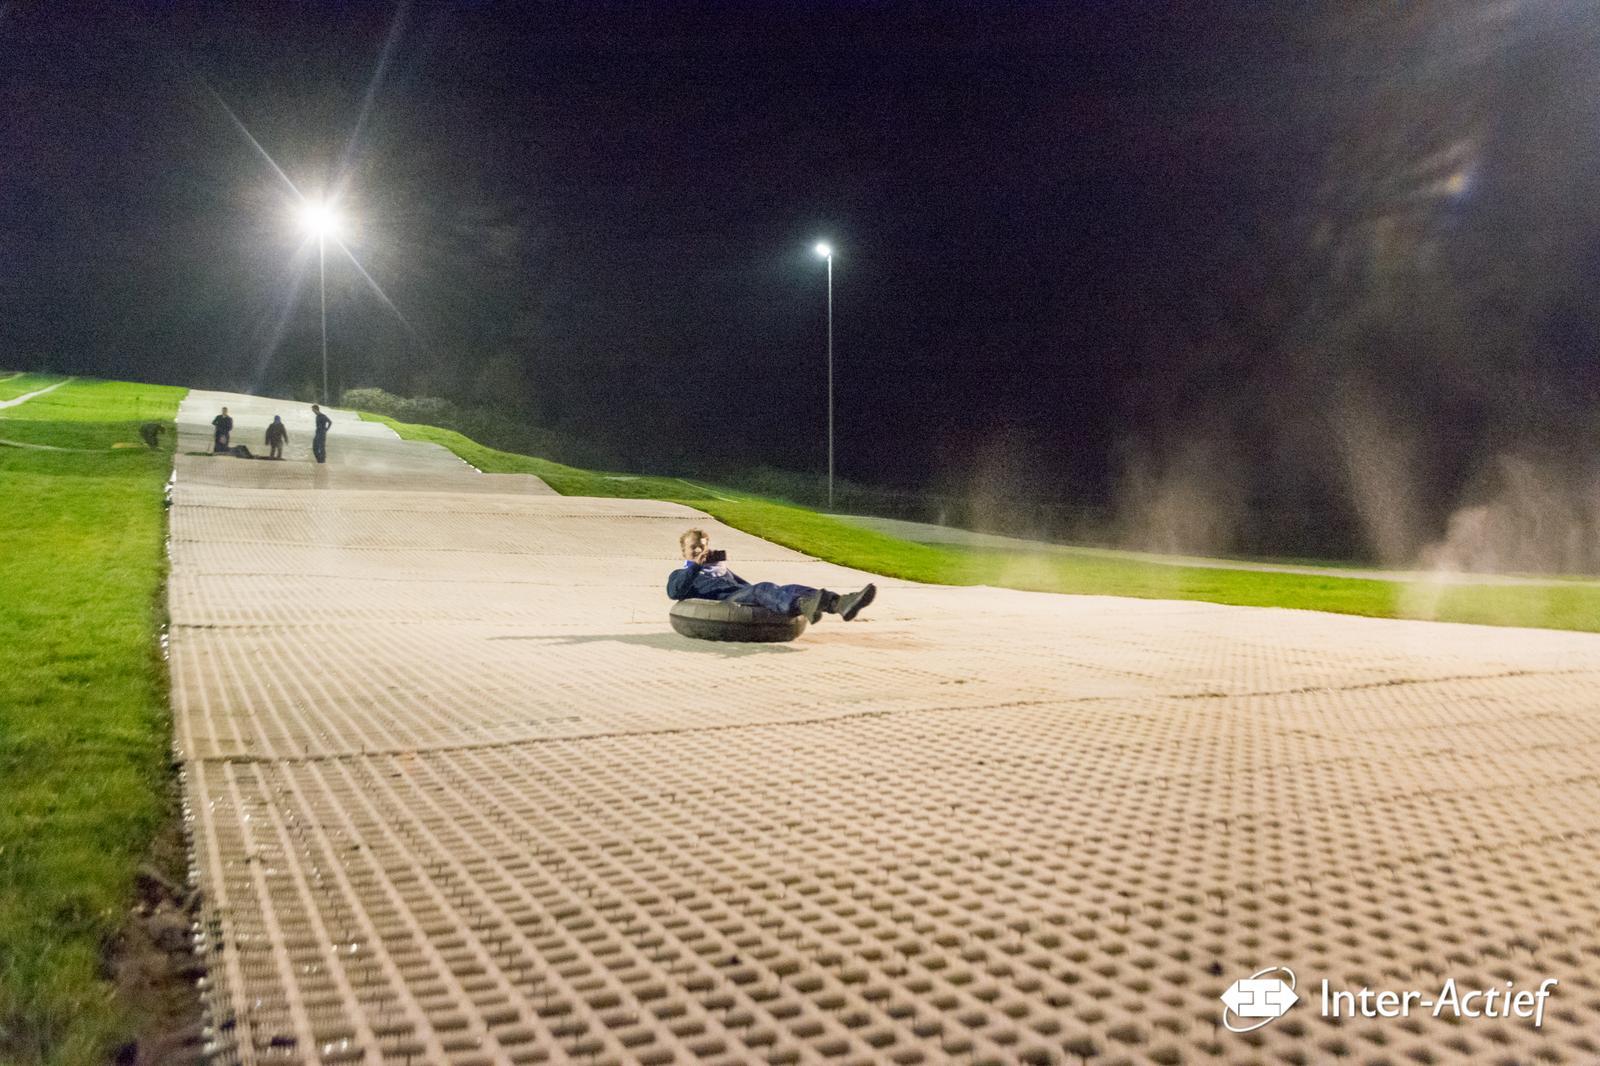 201802012 XMasCie Skiing-16.jpg